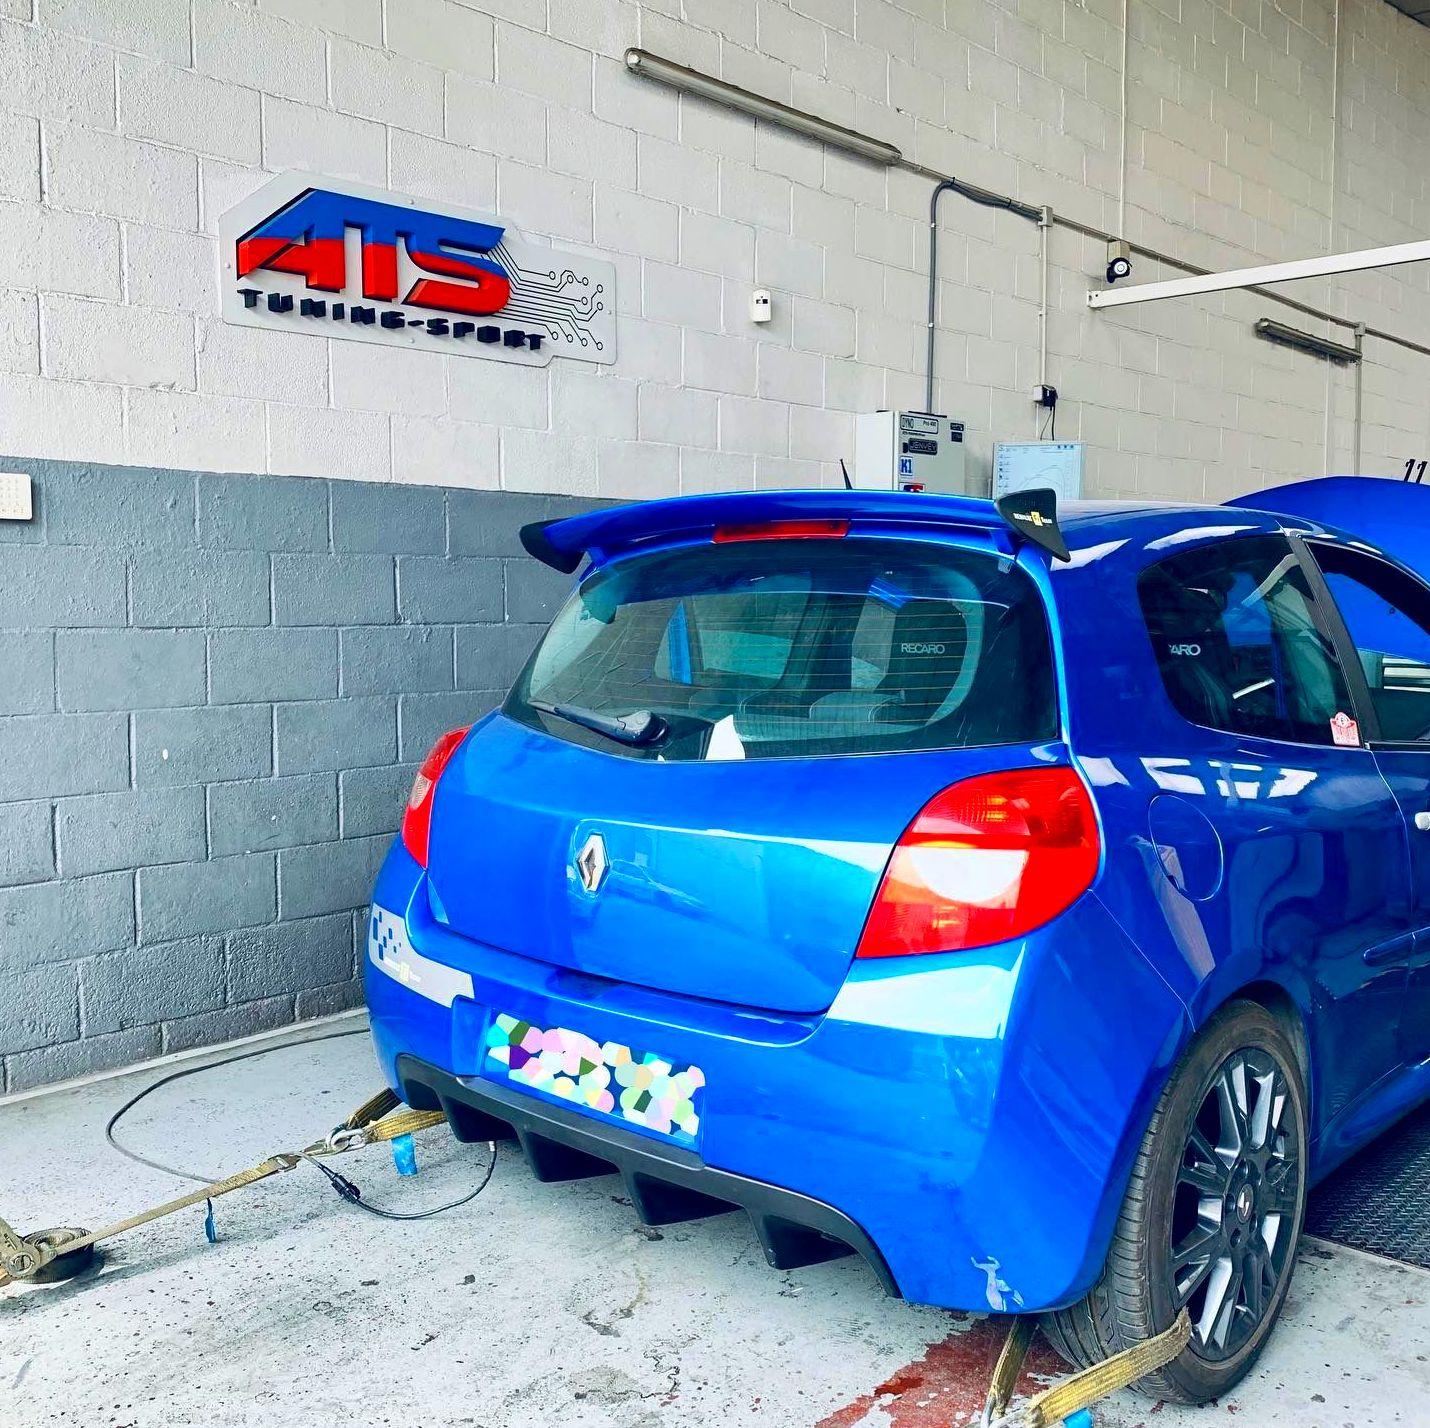 Clio sport f1 200Cv ajuste de inyeccion sobre banco de potencia